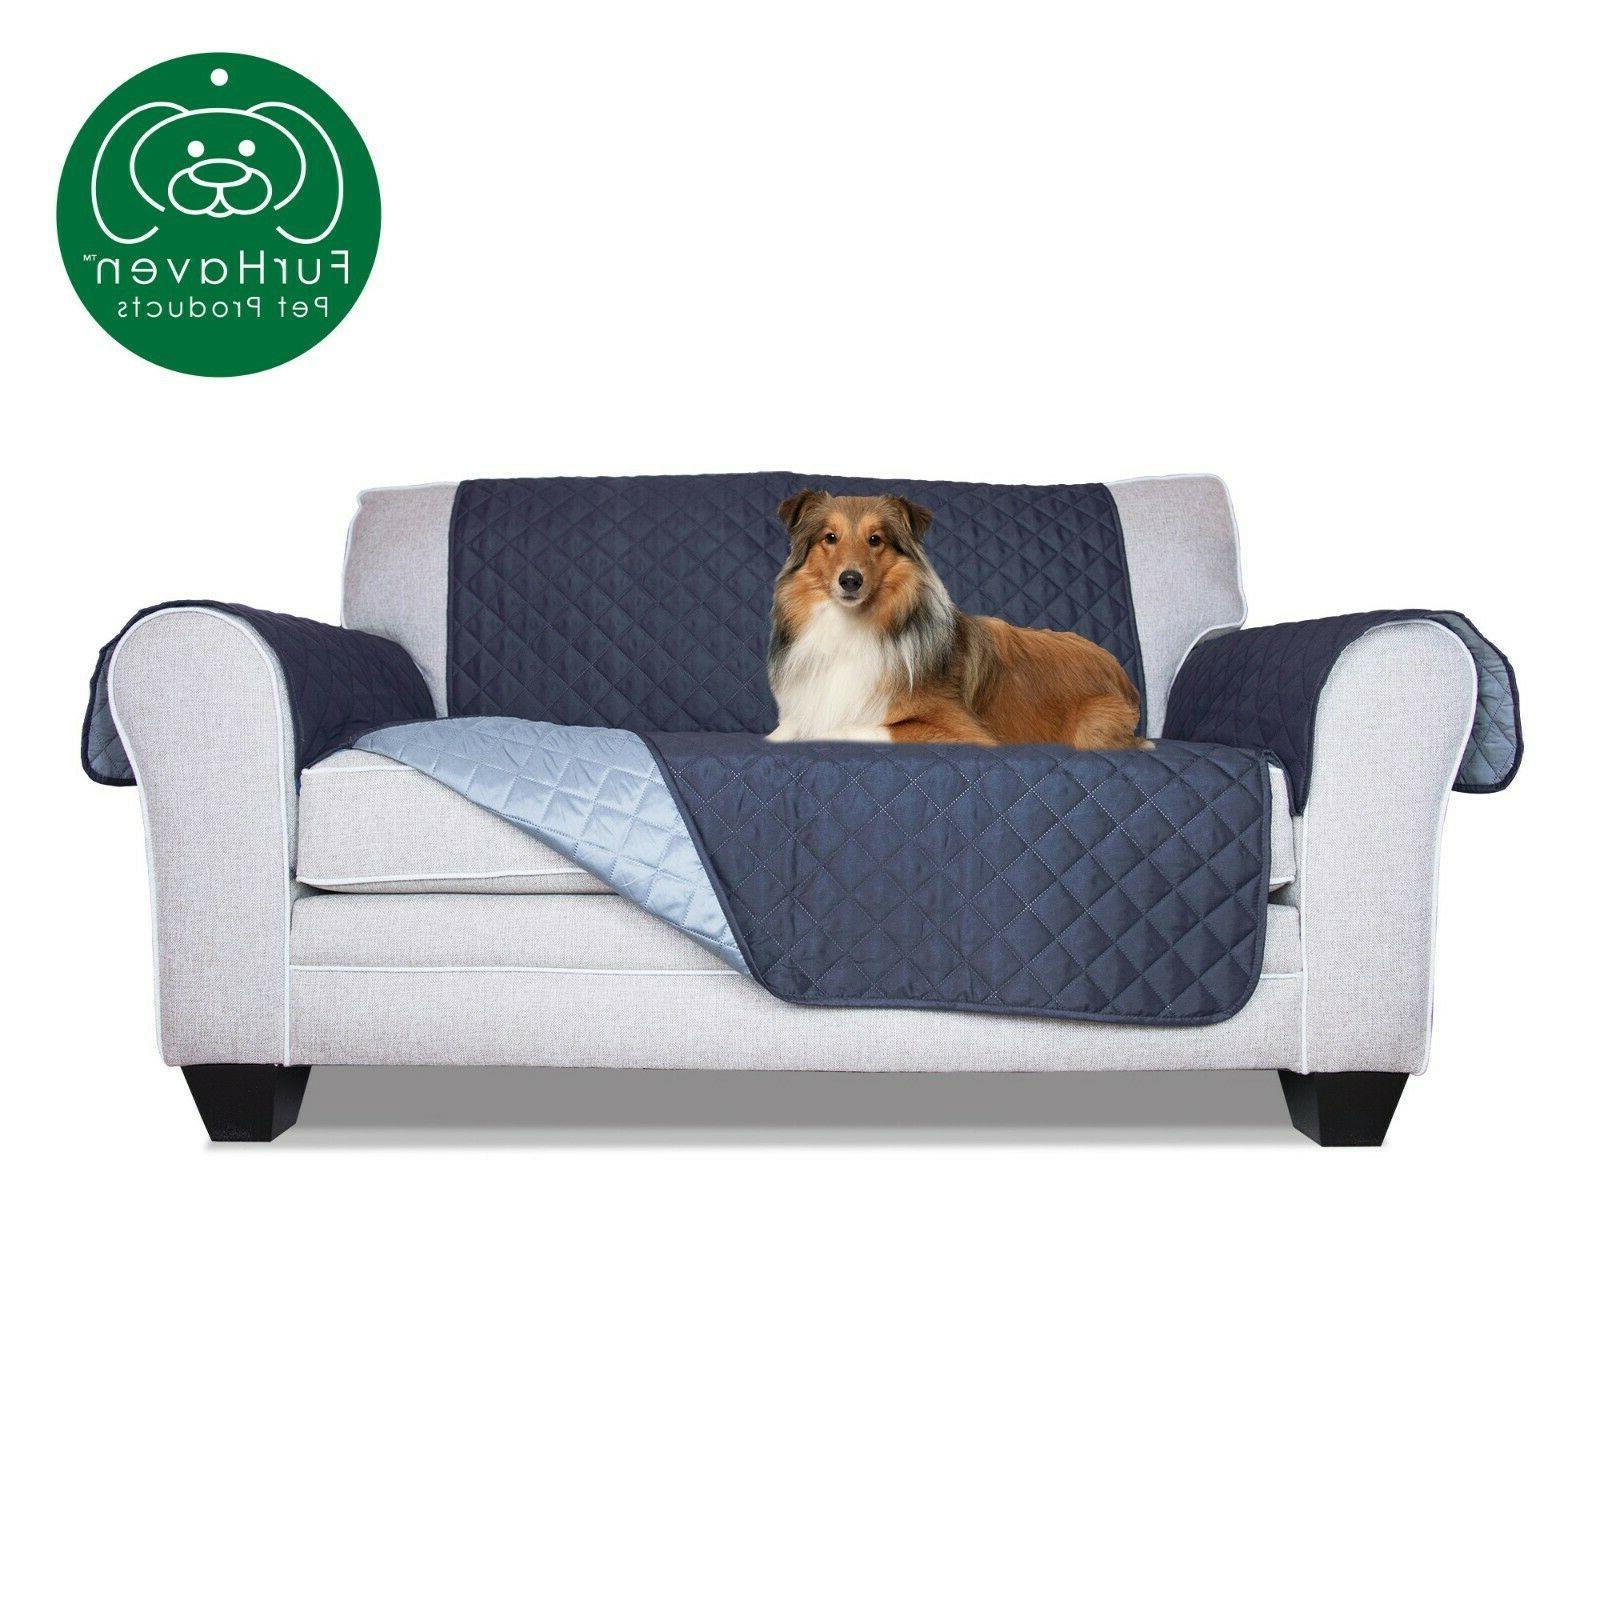 FurHaven Reversible Pet Furniture Protector